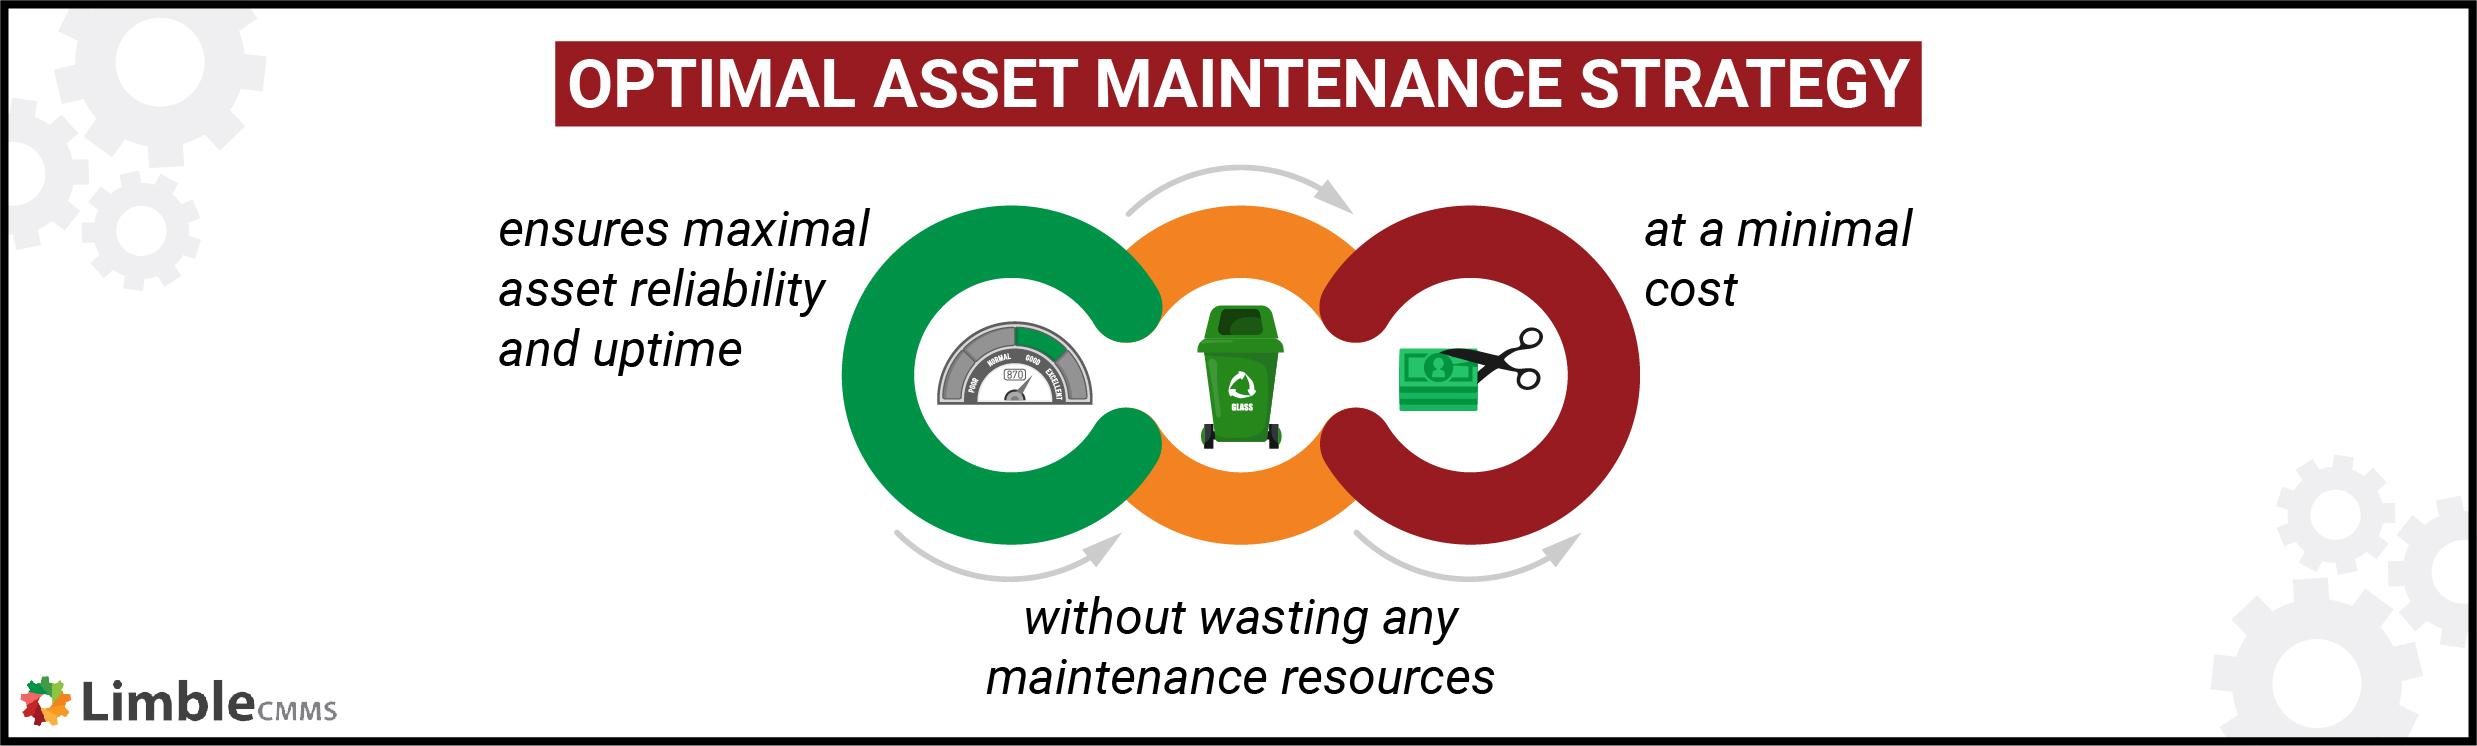 an optimal asset maintenance strategy